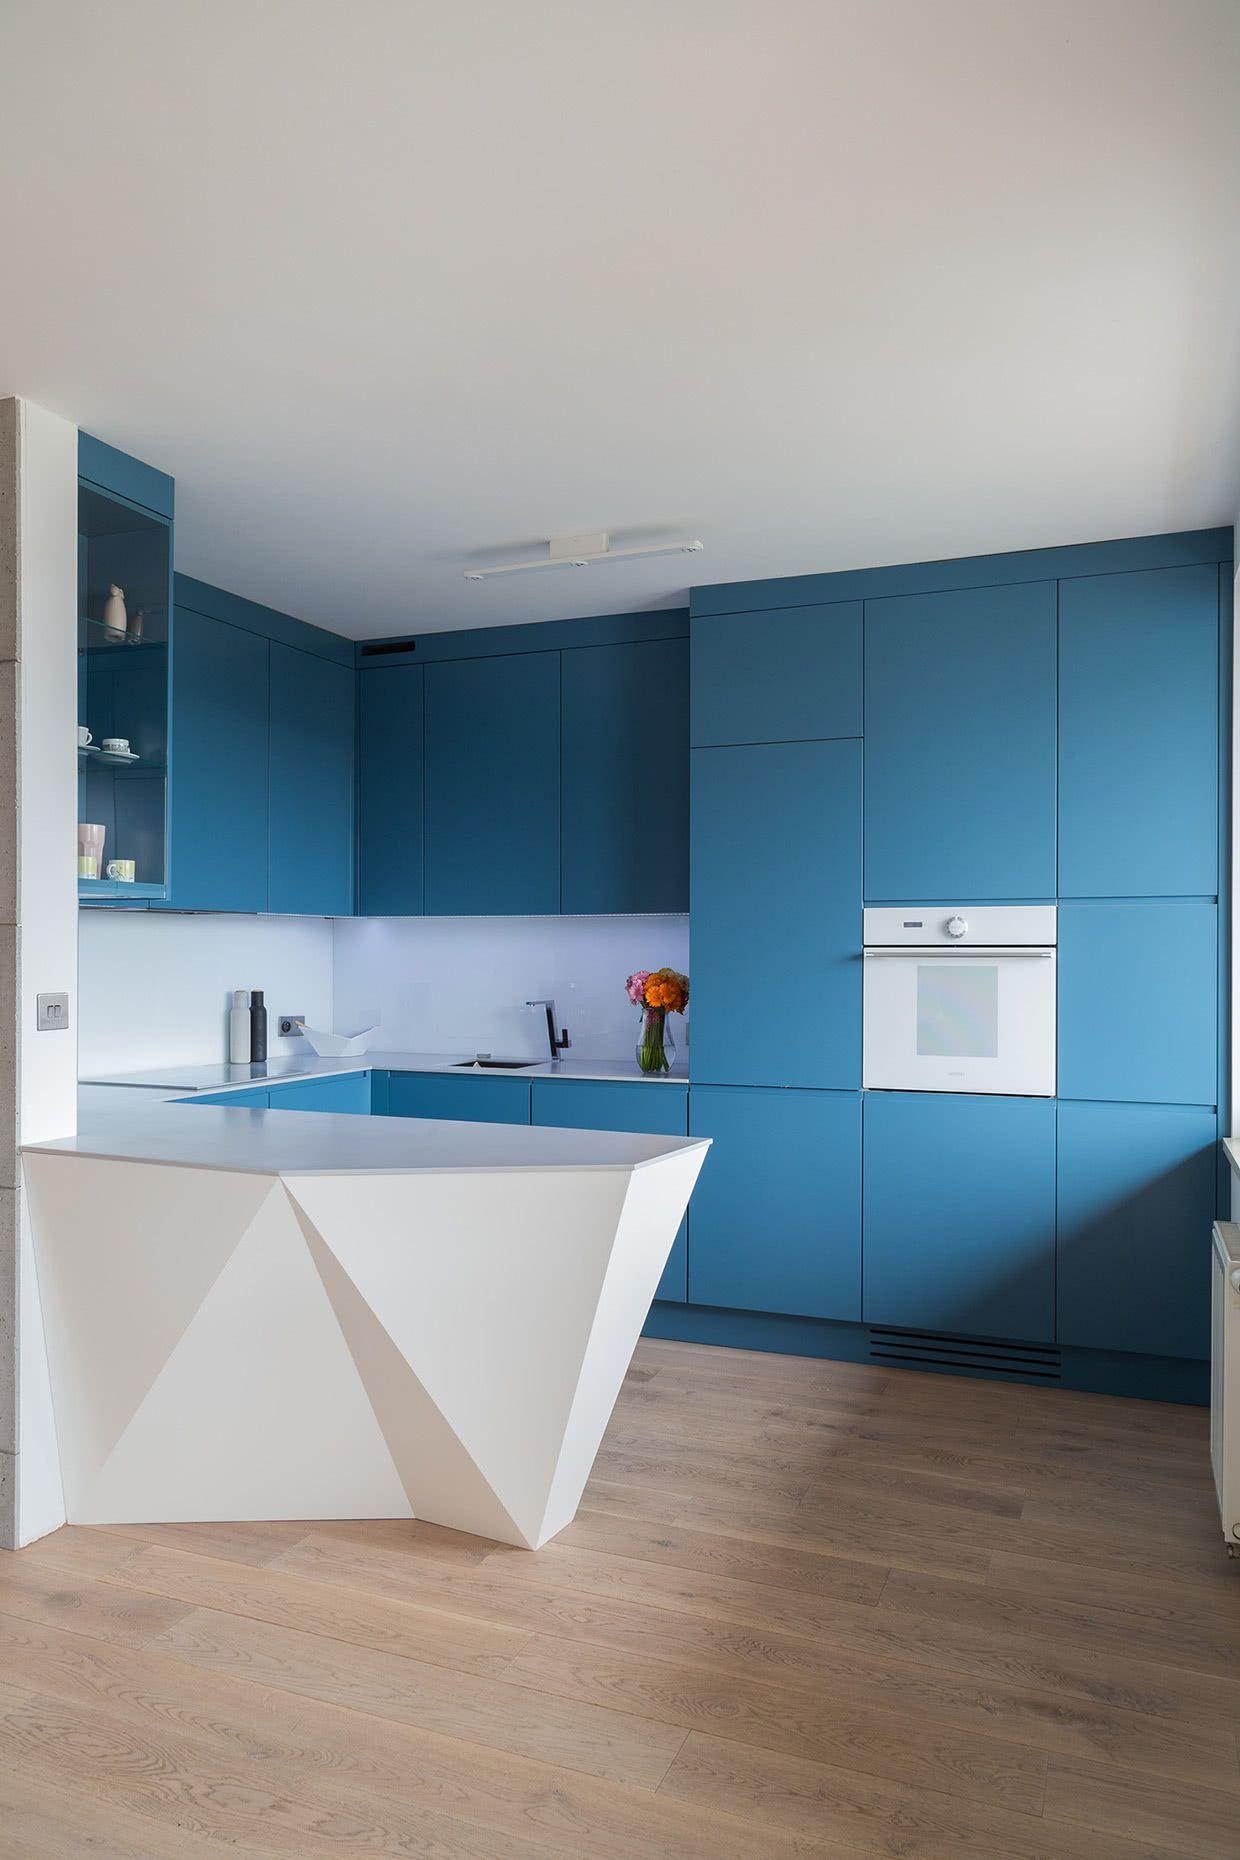 Cozinha azul petróleo com design minimalista